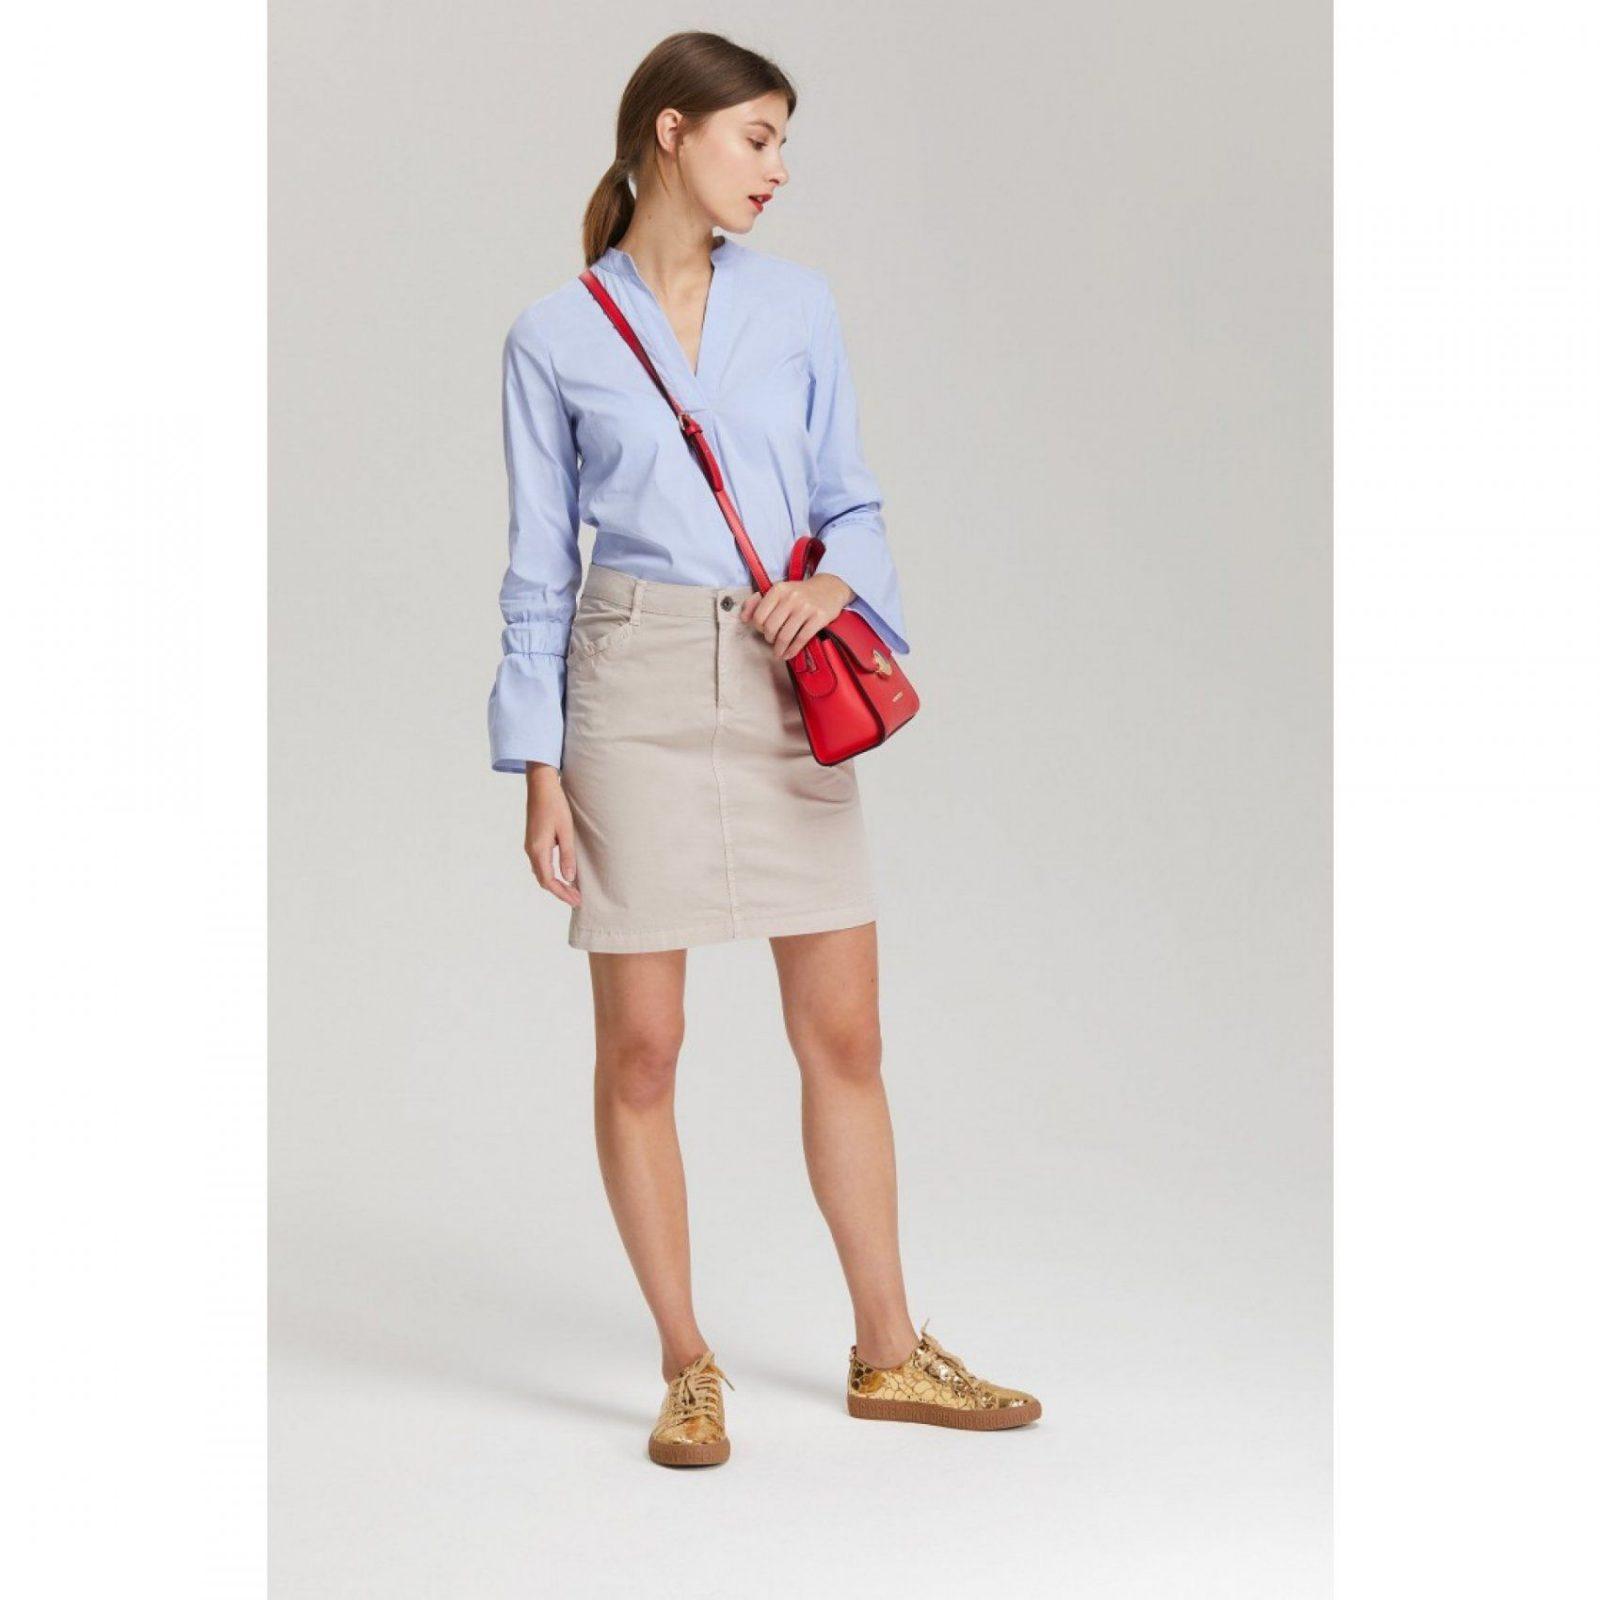 Baumwollrock Beige  More & More Onlineshop von Welche Farbe Passt Zu Beige Kleidung Photo